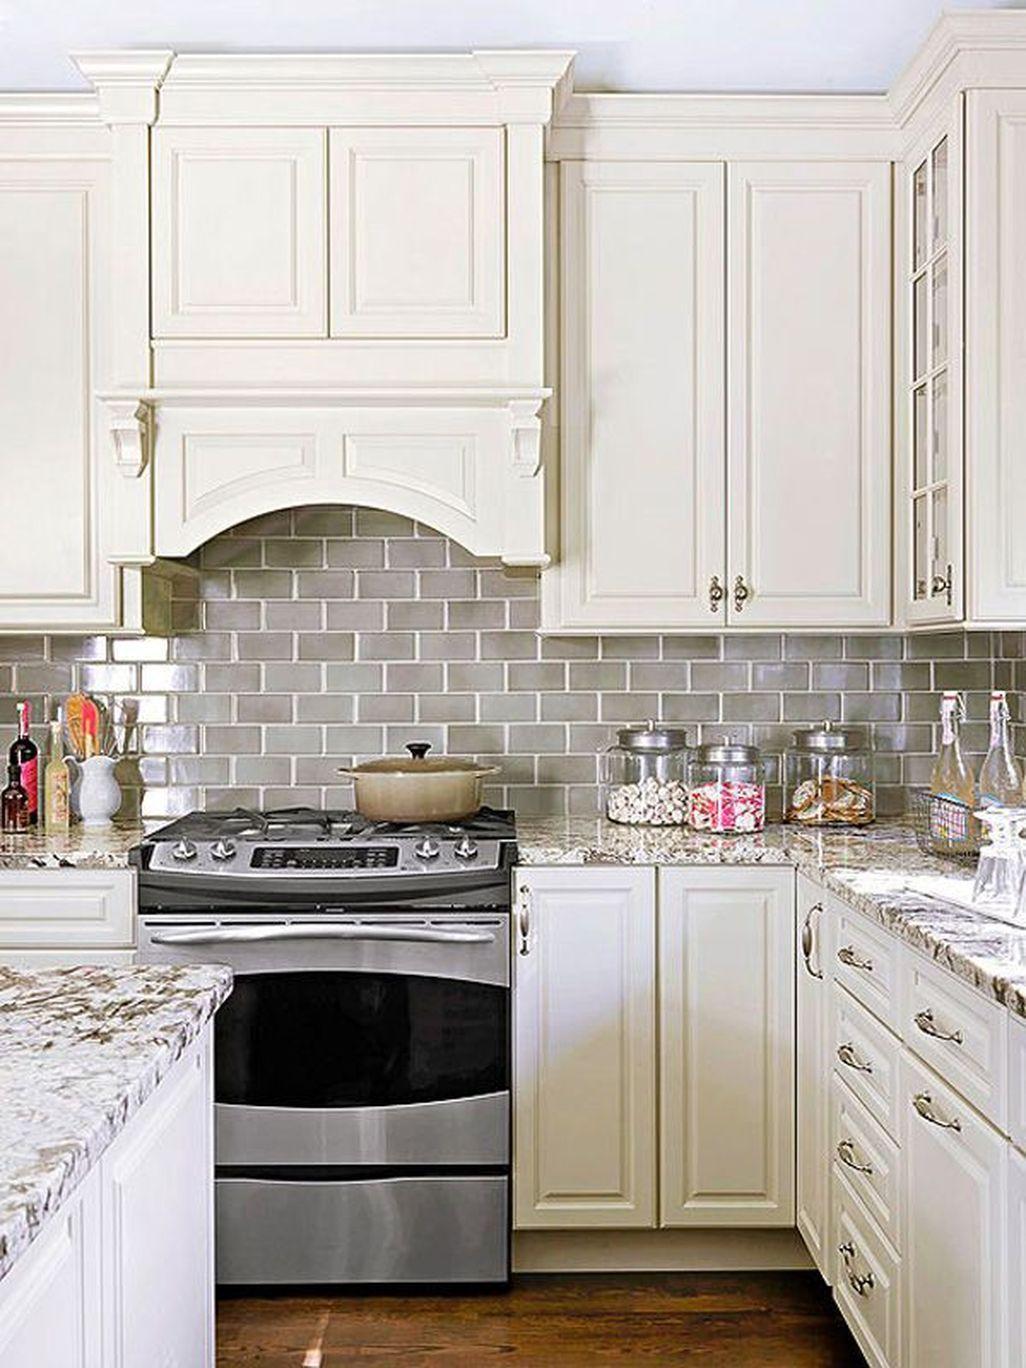 Pin by donna mussen on kitchen redo pinterest kitchen backsplash